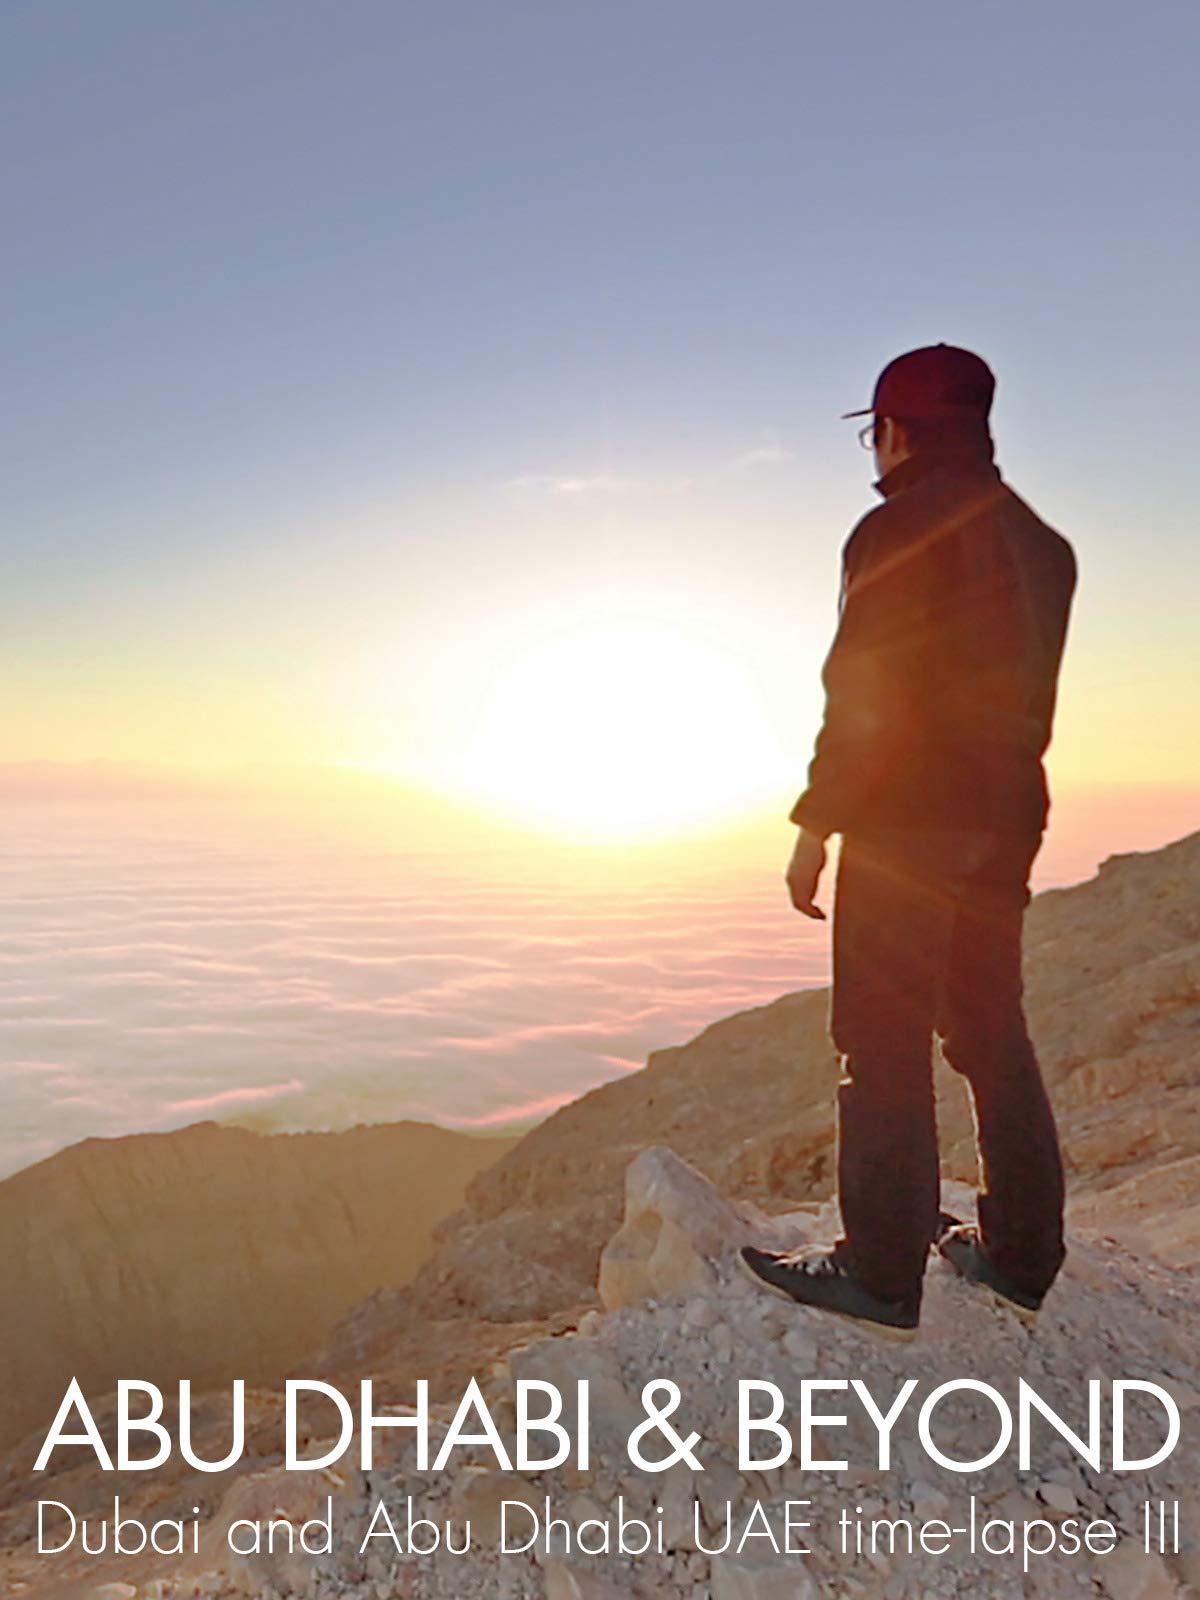 Abu Dhabi & Beyond - Dubai and Abu Dhabi time-lapse III